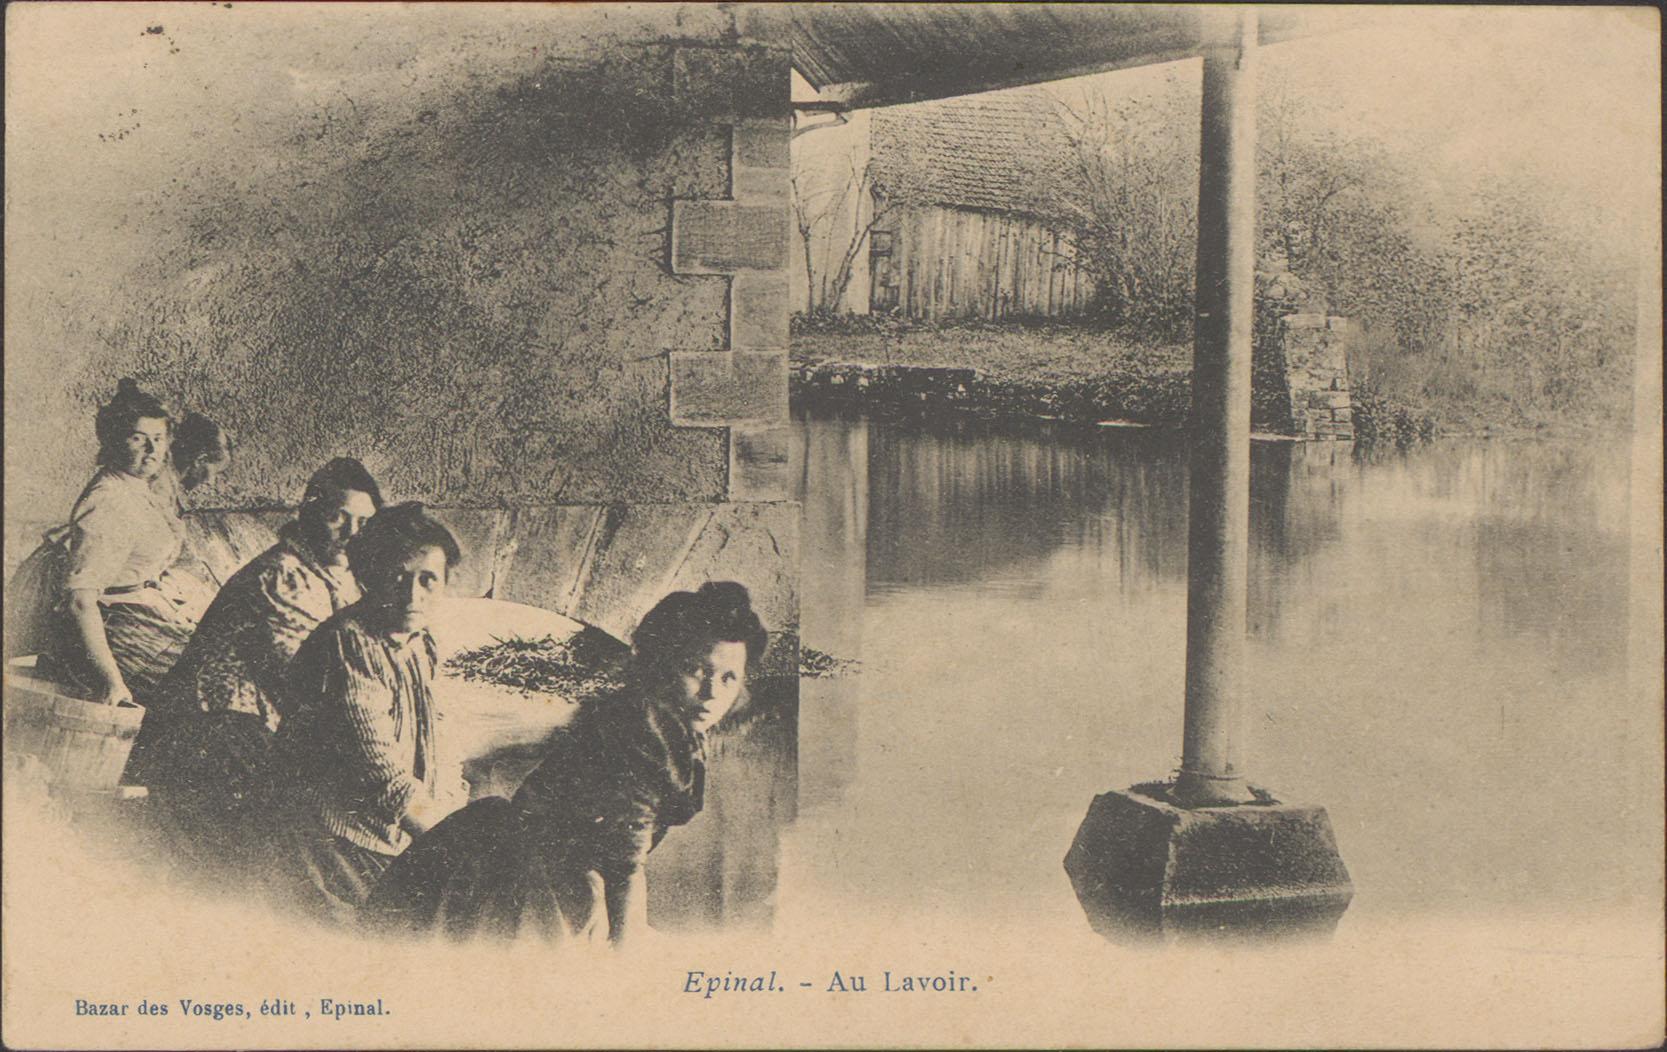 Contenu du Épinal, Au Lavoir